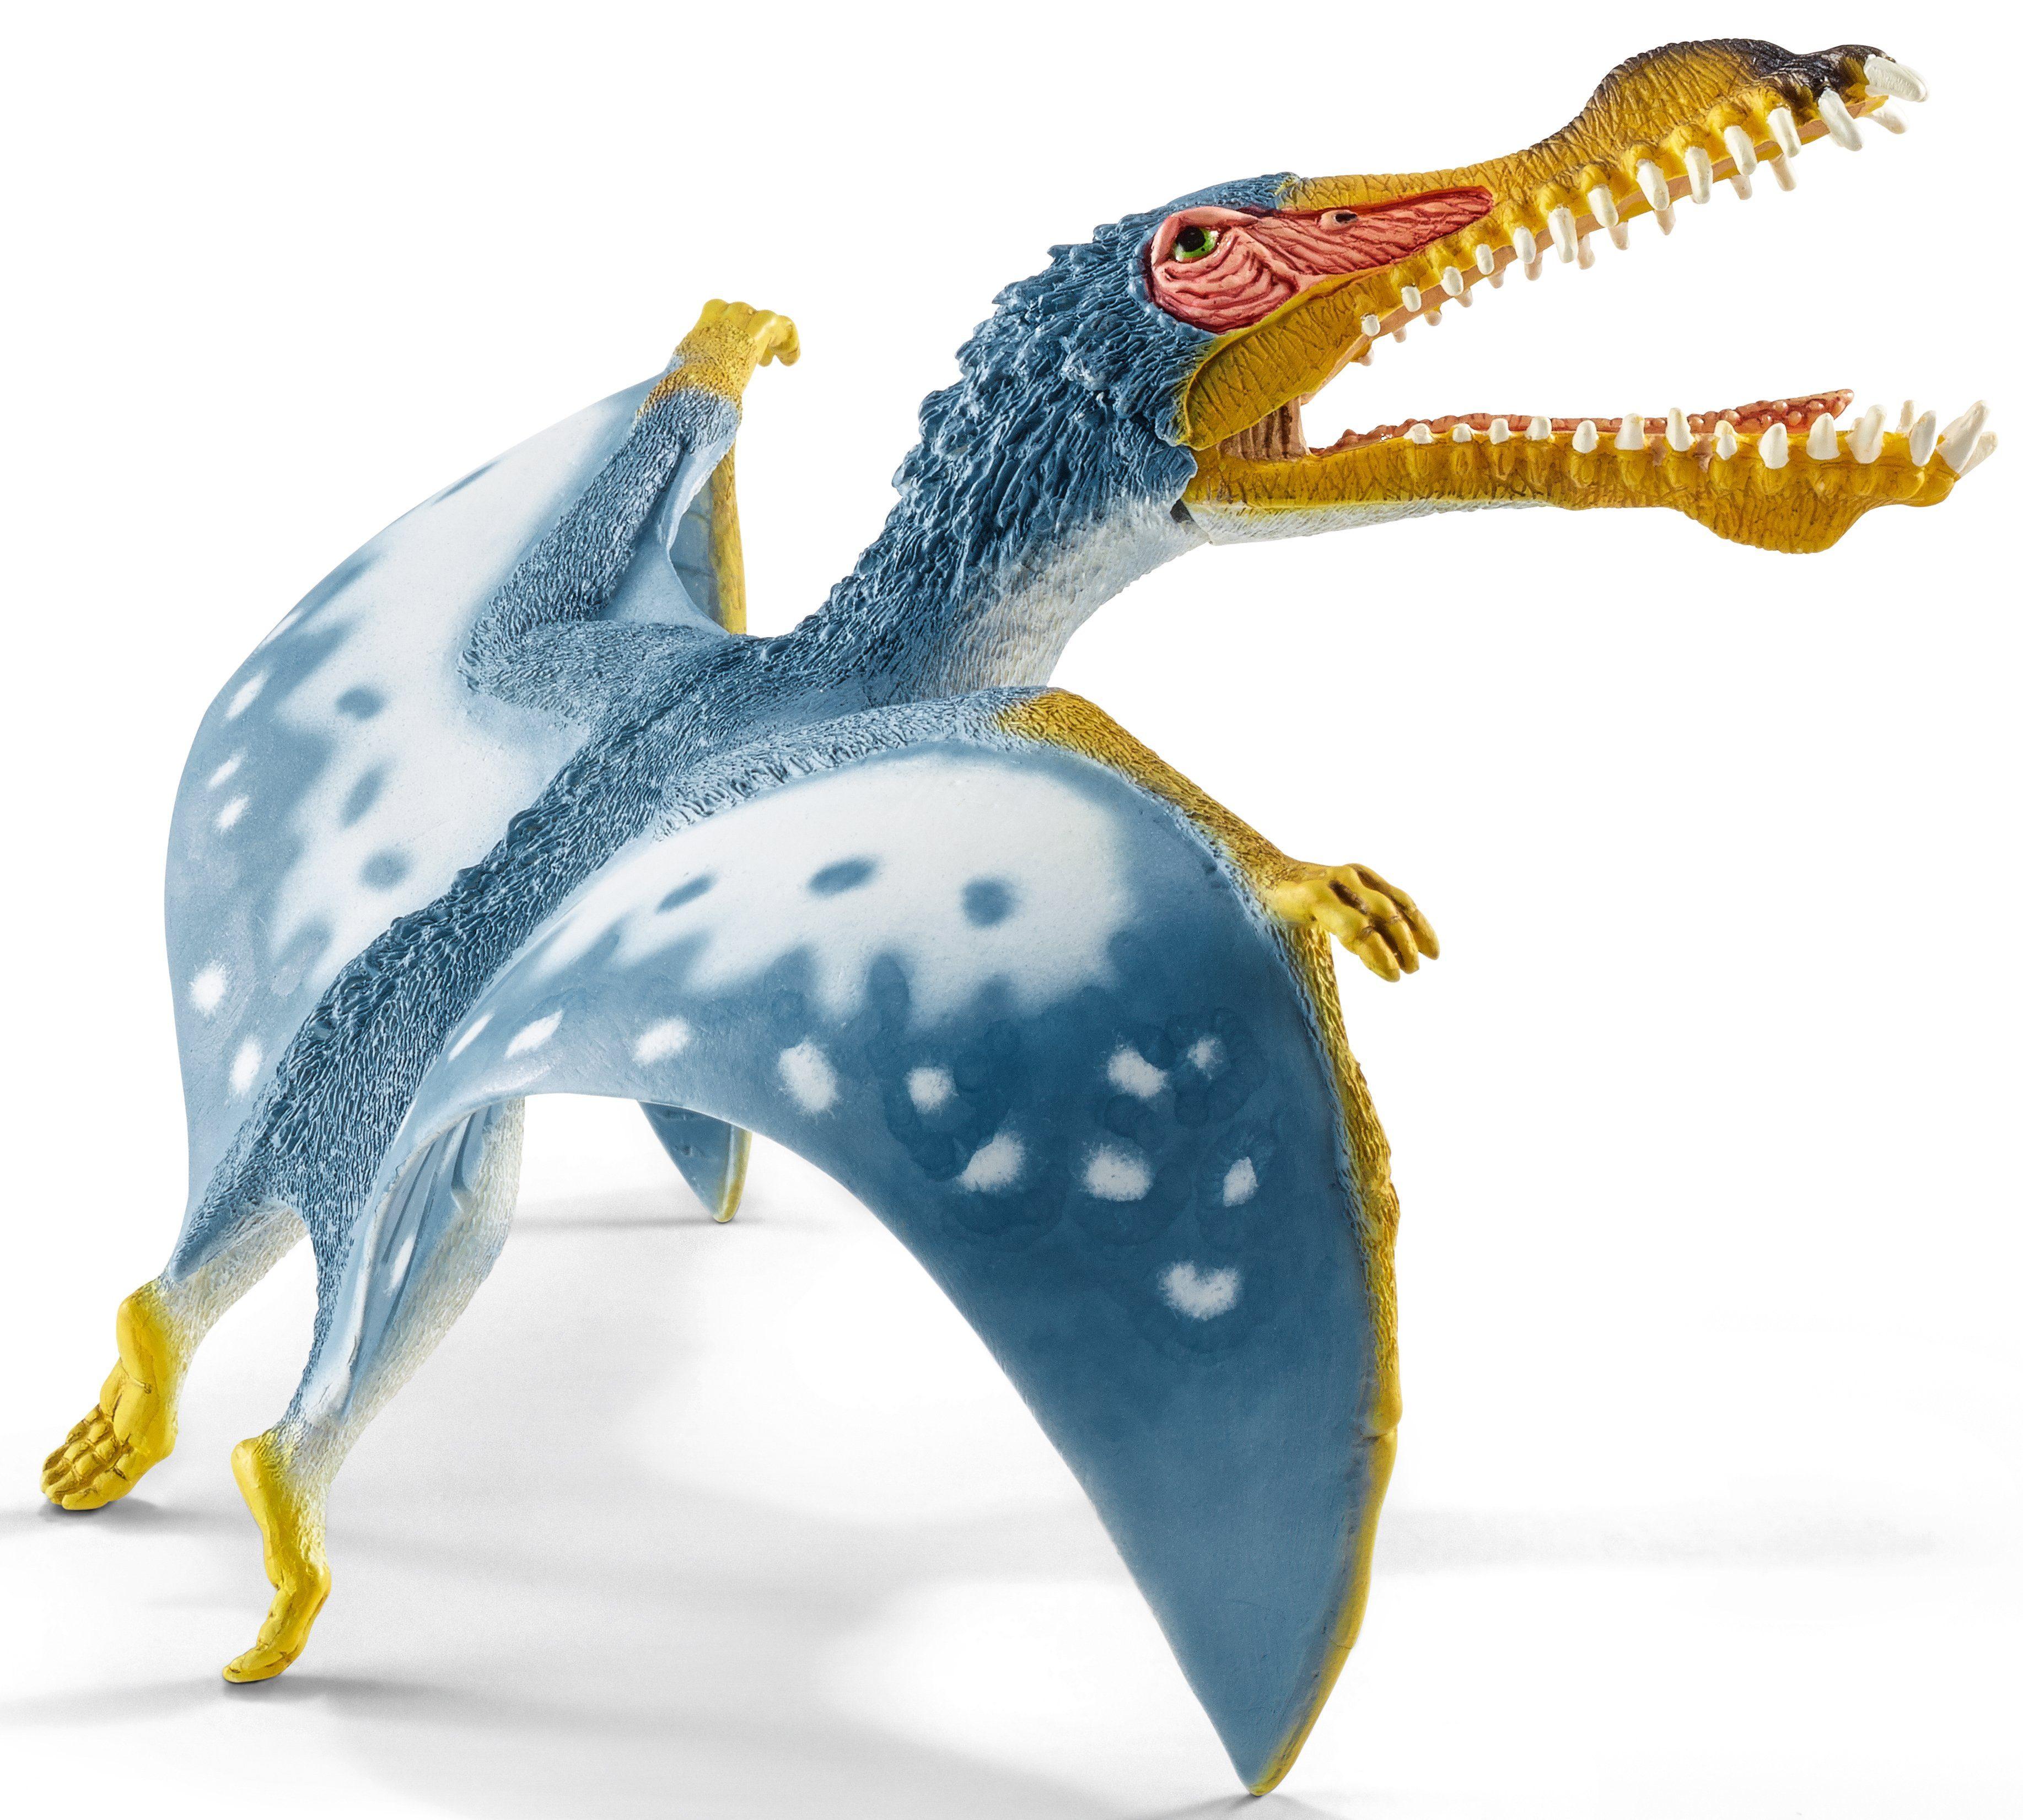 Schleich® Spielfigur (14540), »Dinosaurs, Anhanguera«